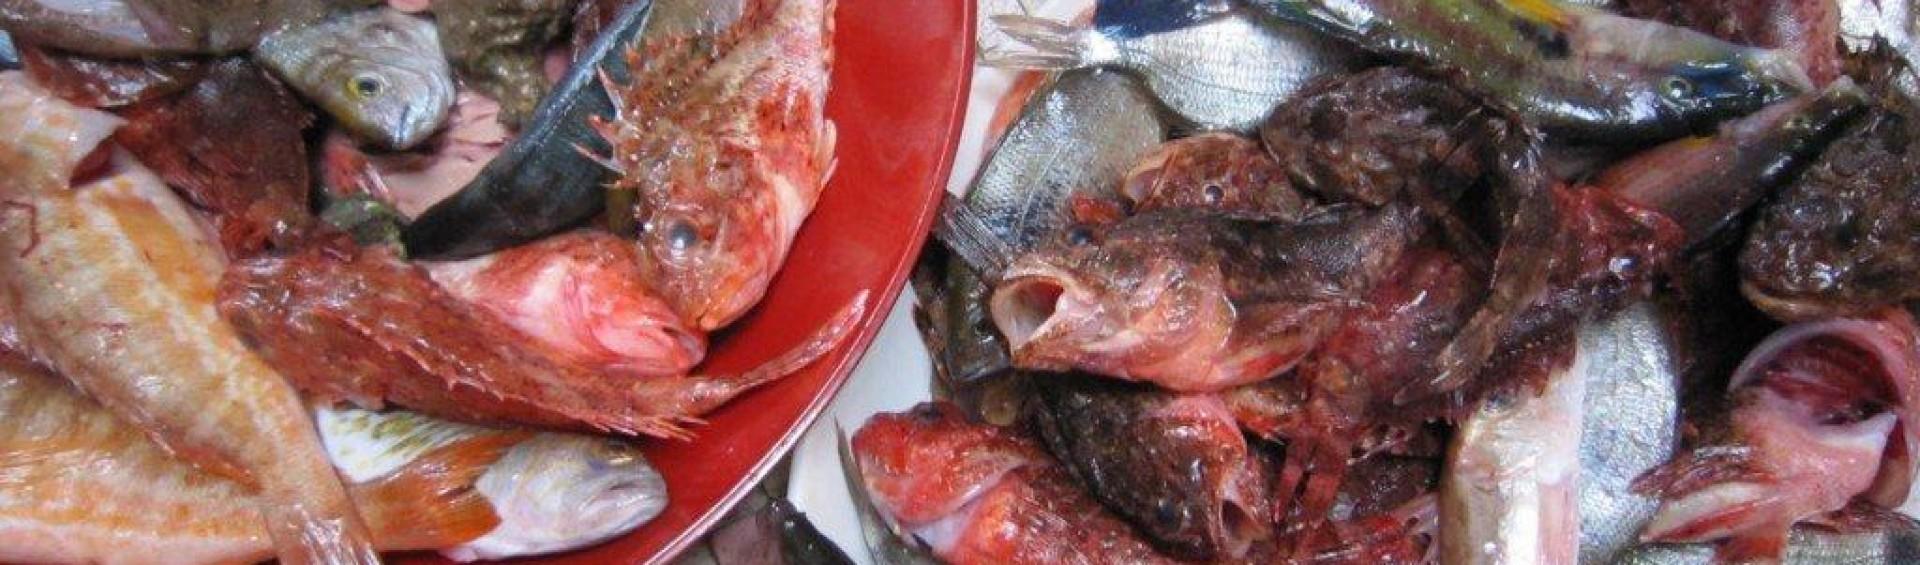 les poissons de bouillabaisse